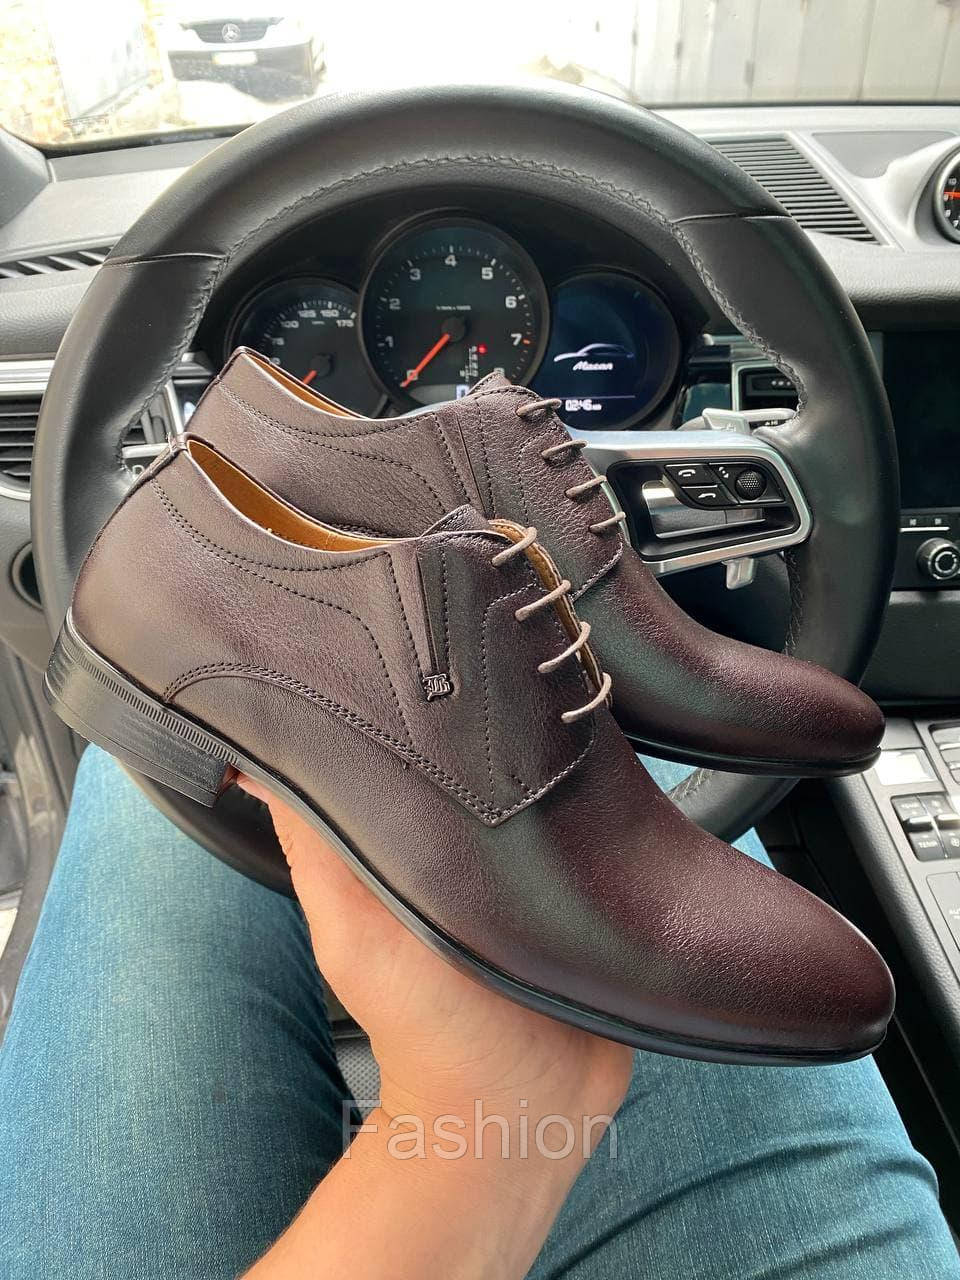 Чоловічі туфлі шкіряні весна/осінь коричневі